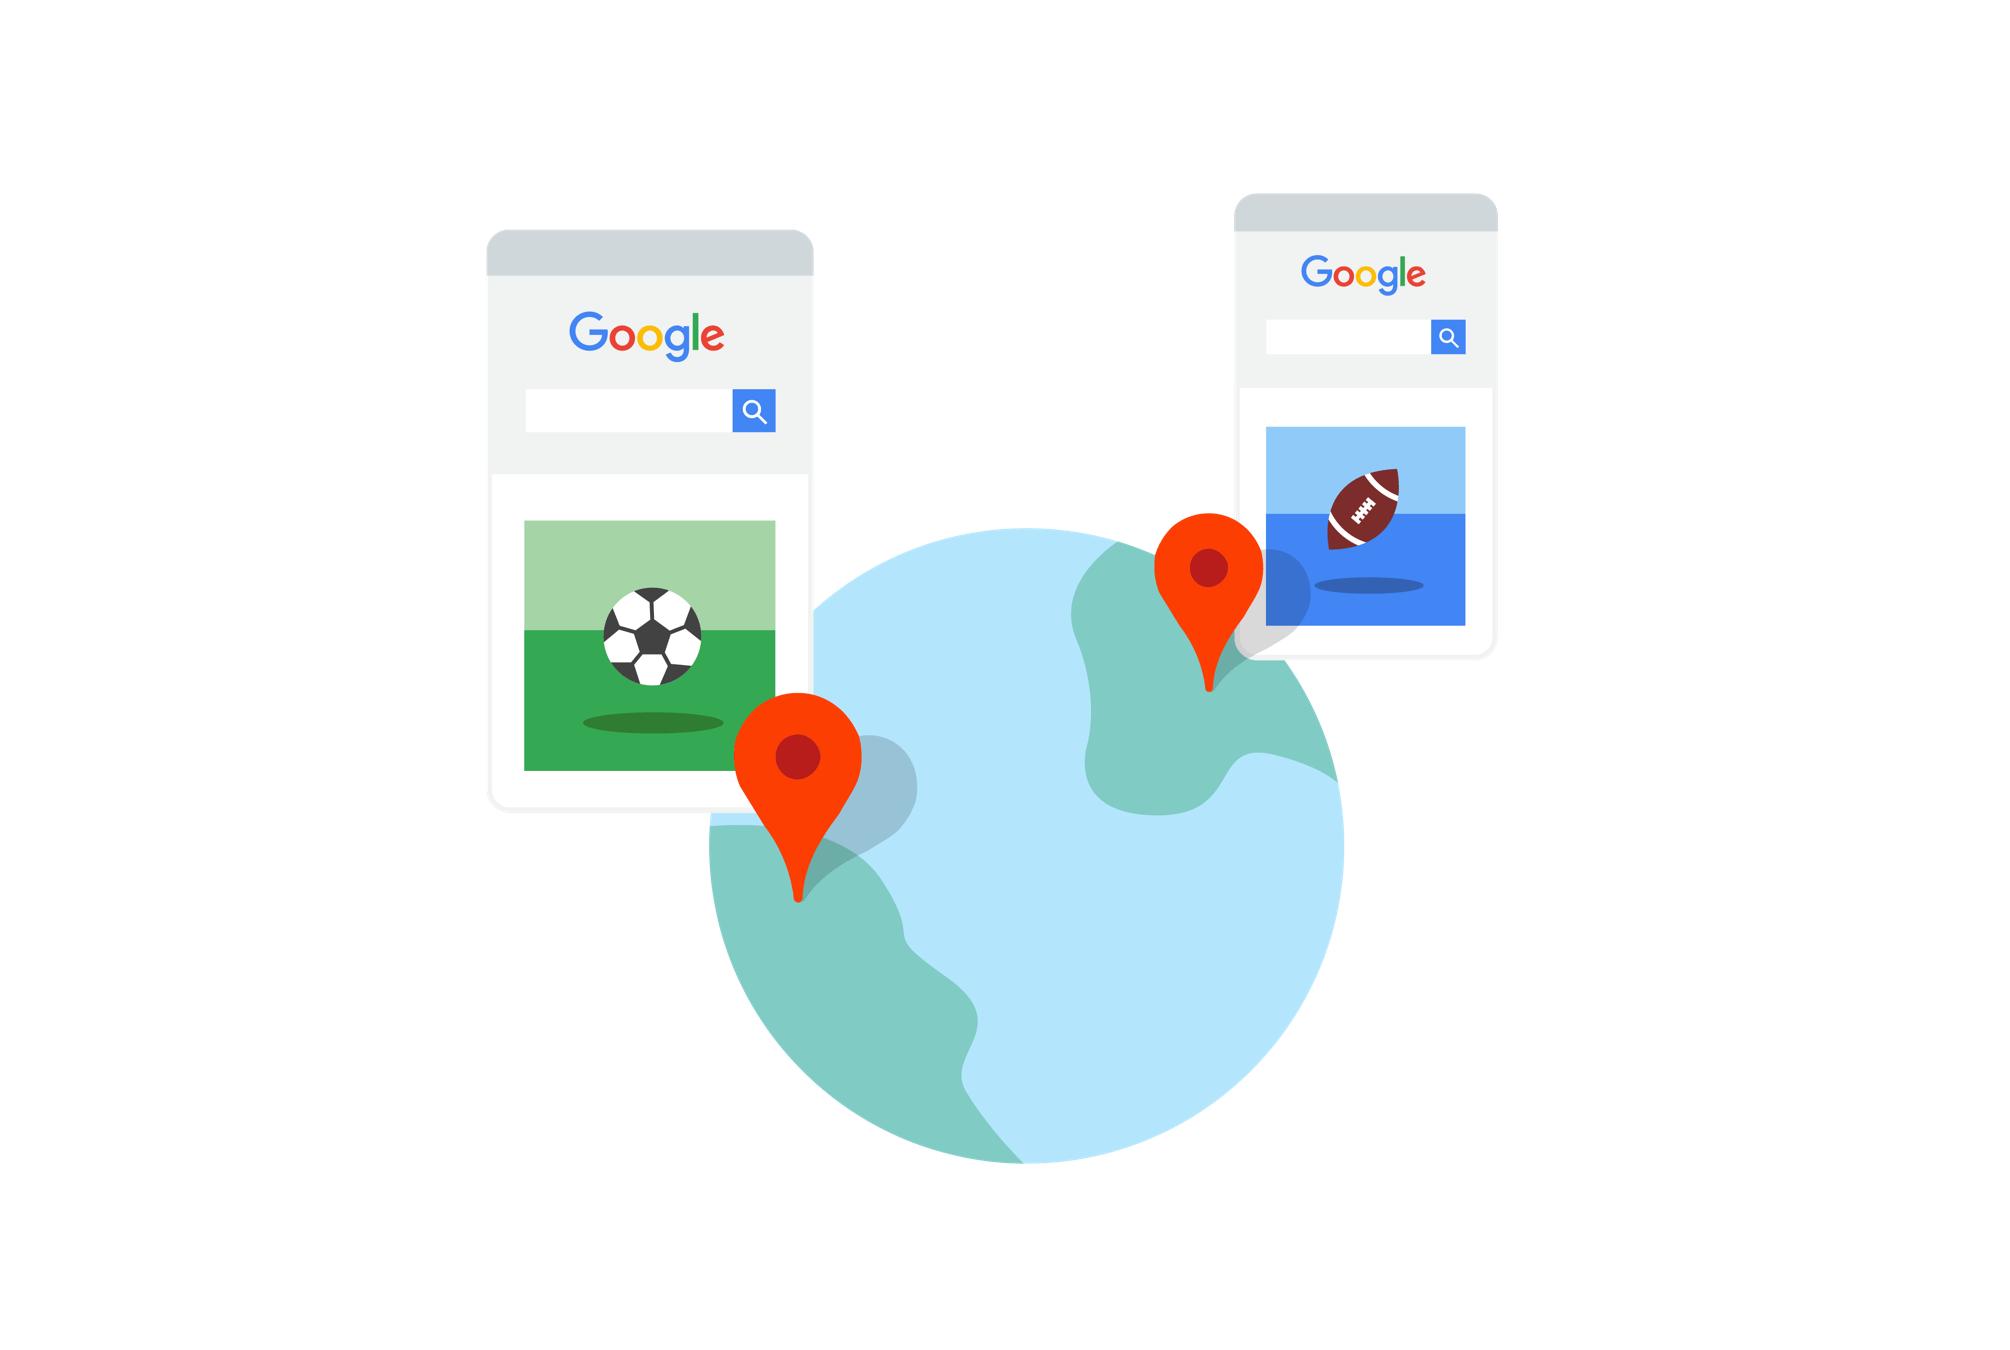 Google Search - Bối cảnh và cài đặt